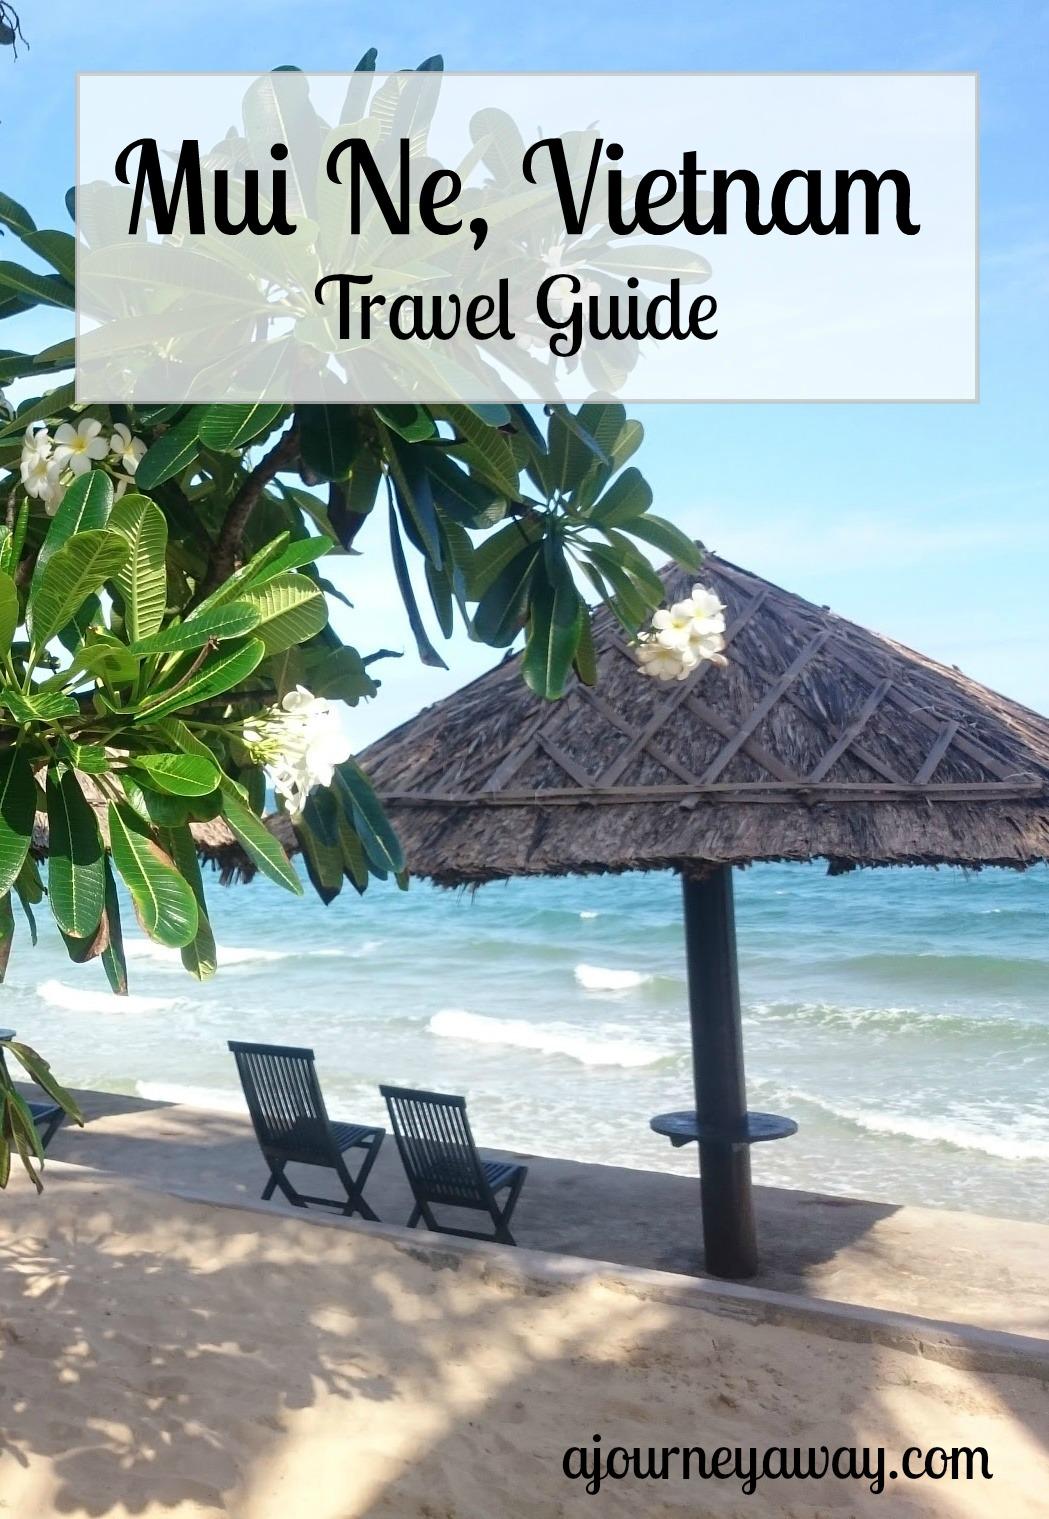 A travel guide to Mui Ne, Vietnam